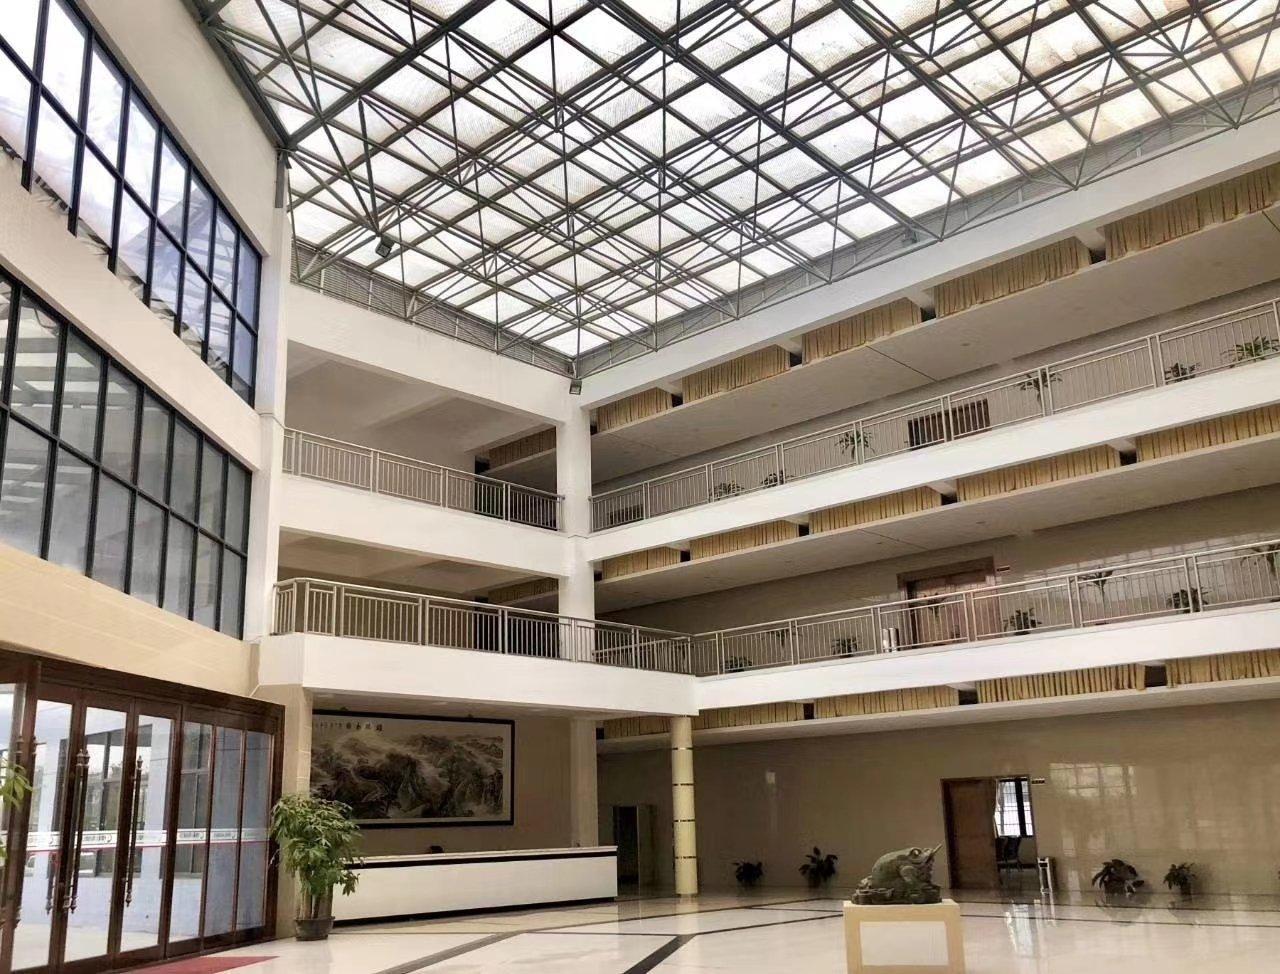 肇庆金利镇花园厂房70000平方钢构有房产证蒸汽管道天然气管-图7